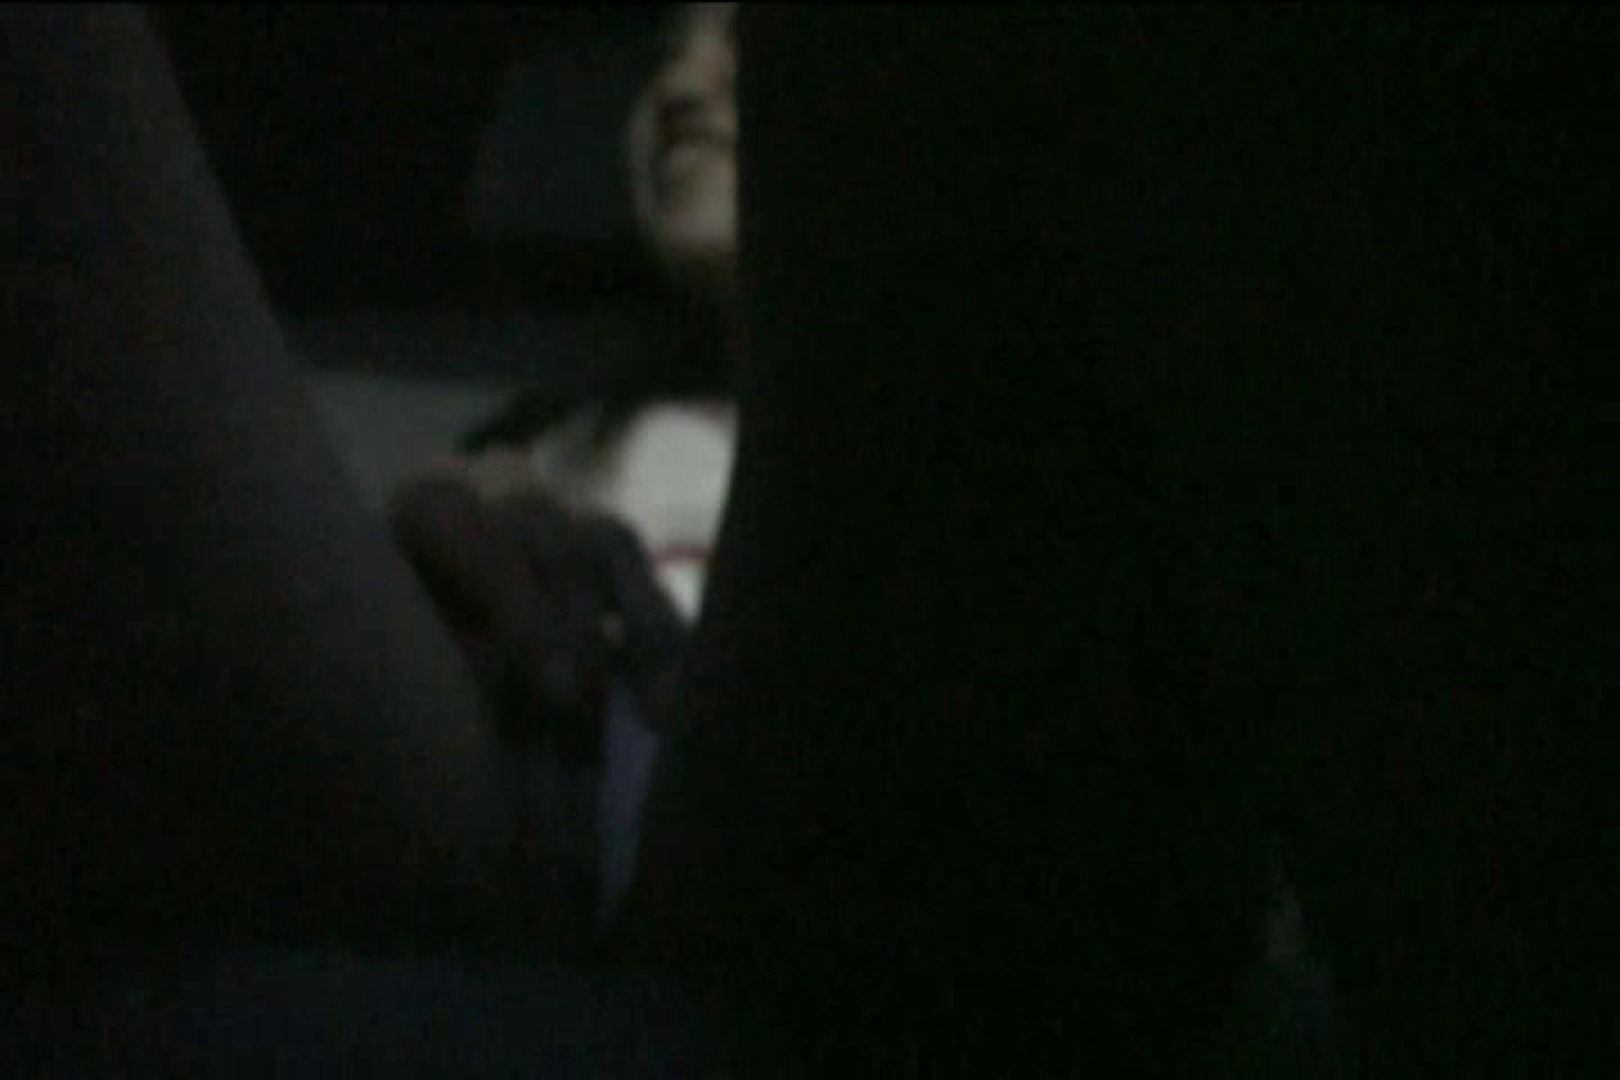 車内で初めまして! vol01 車でエッチ SEX無修正画像 102PIX 58